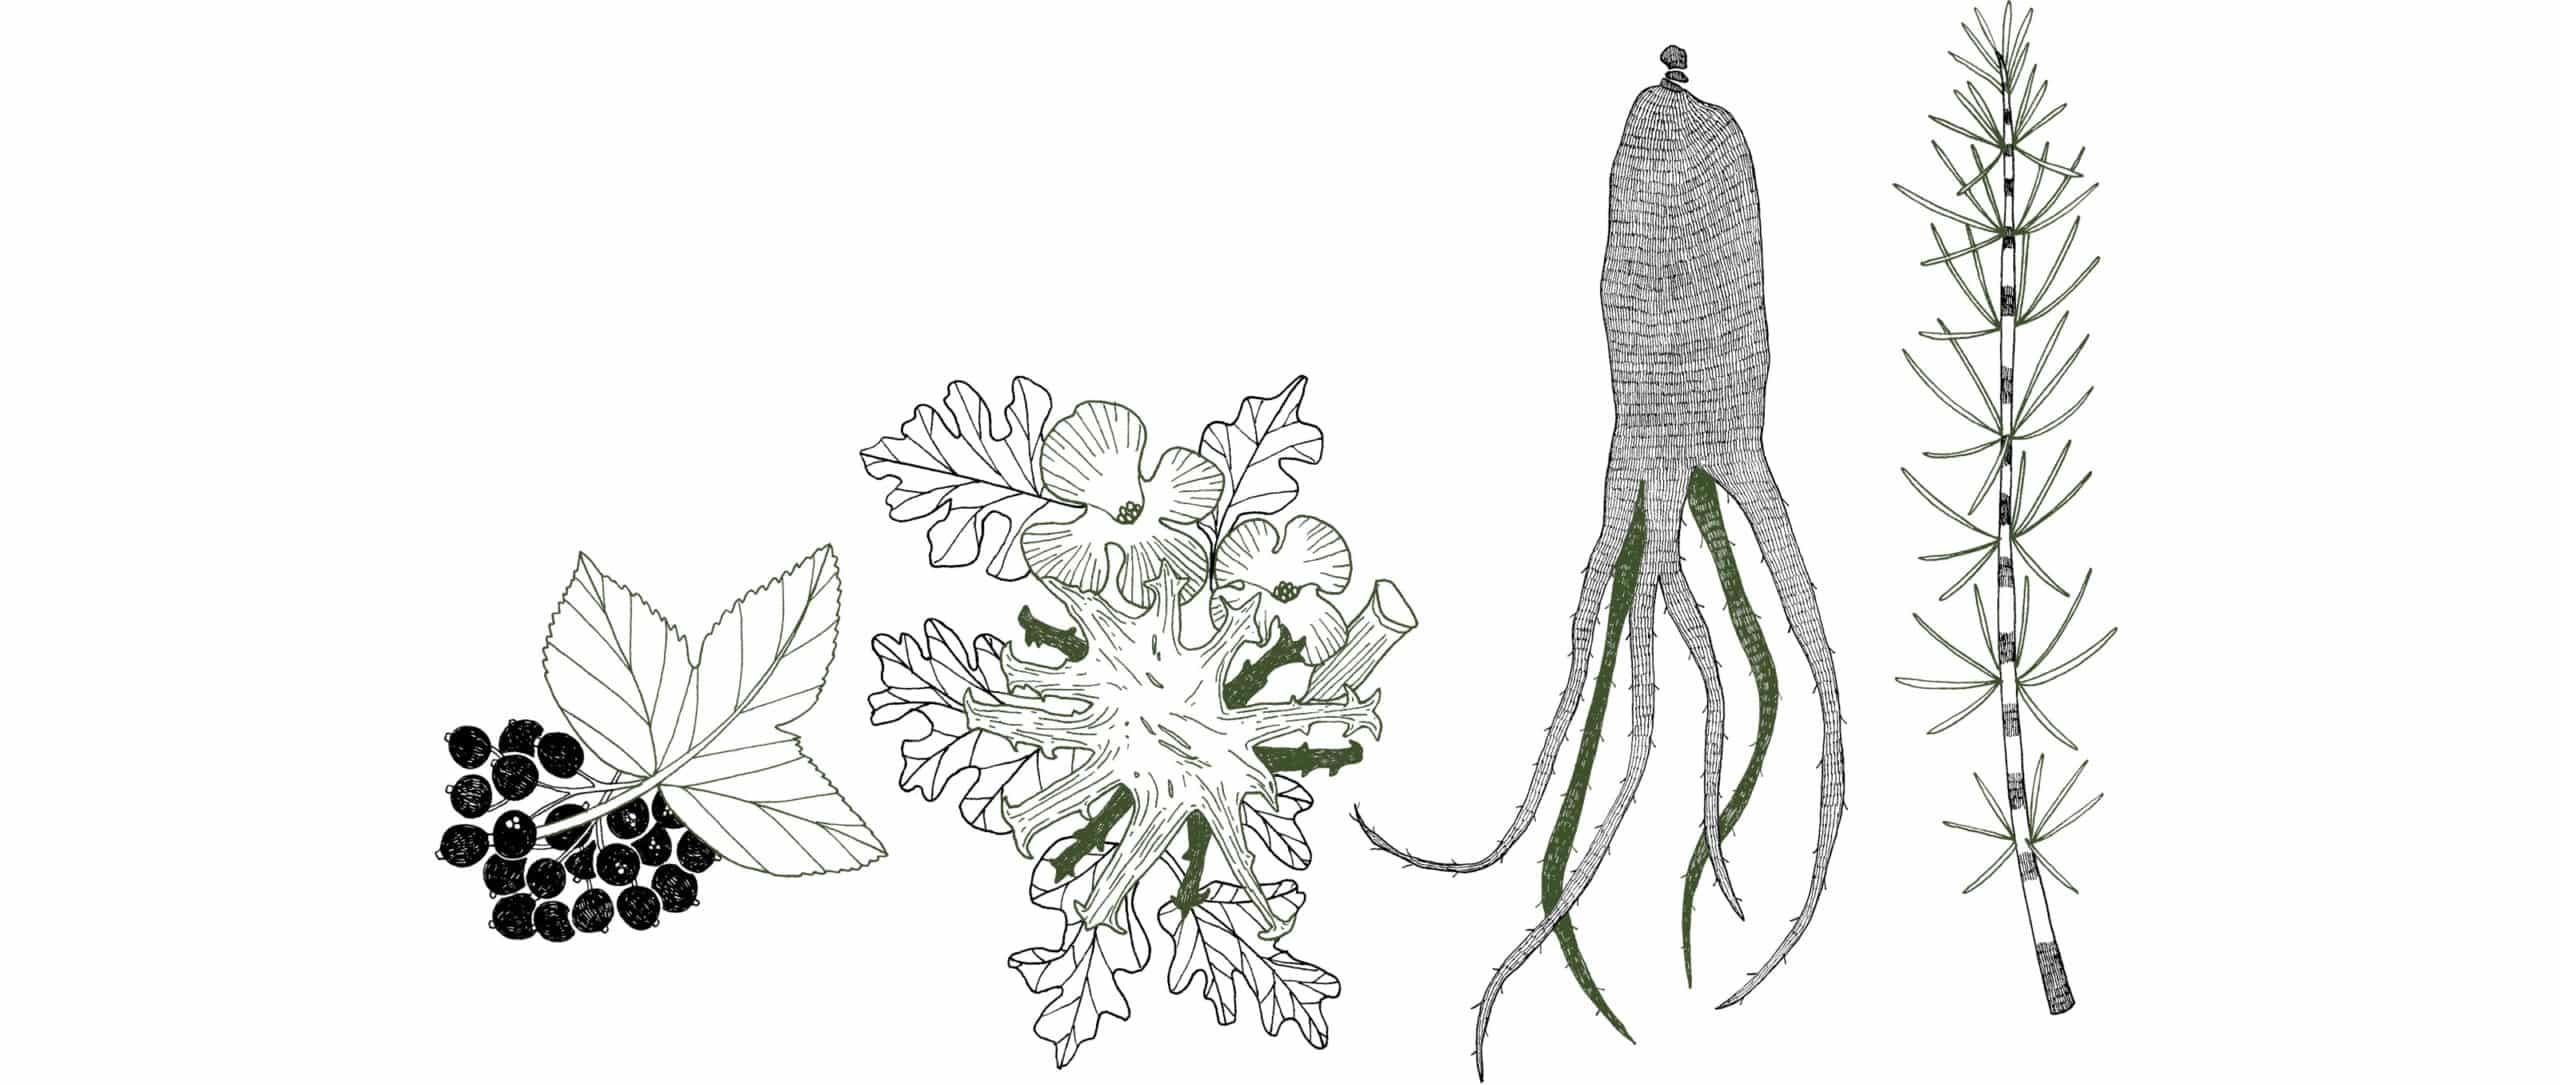 Illustrations des plantes (Ginseng Rouge, – Harpagophytum, Cassis et Prêle) contenues dans le complément alimentaire récupération.